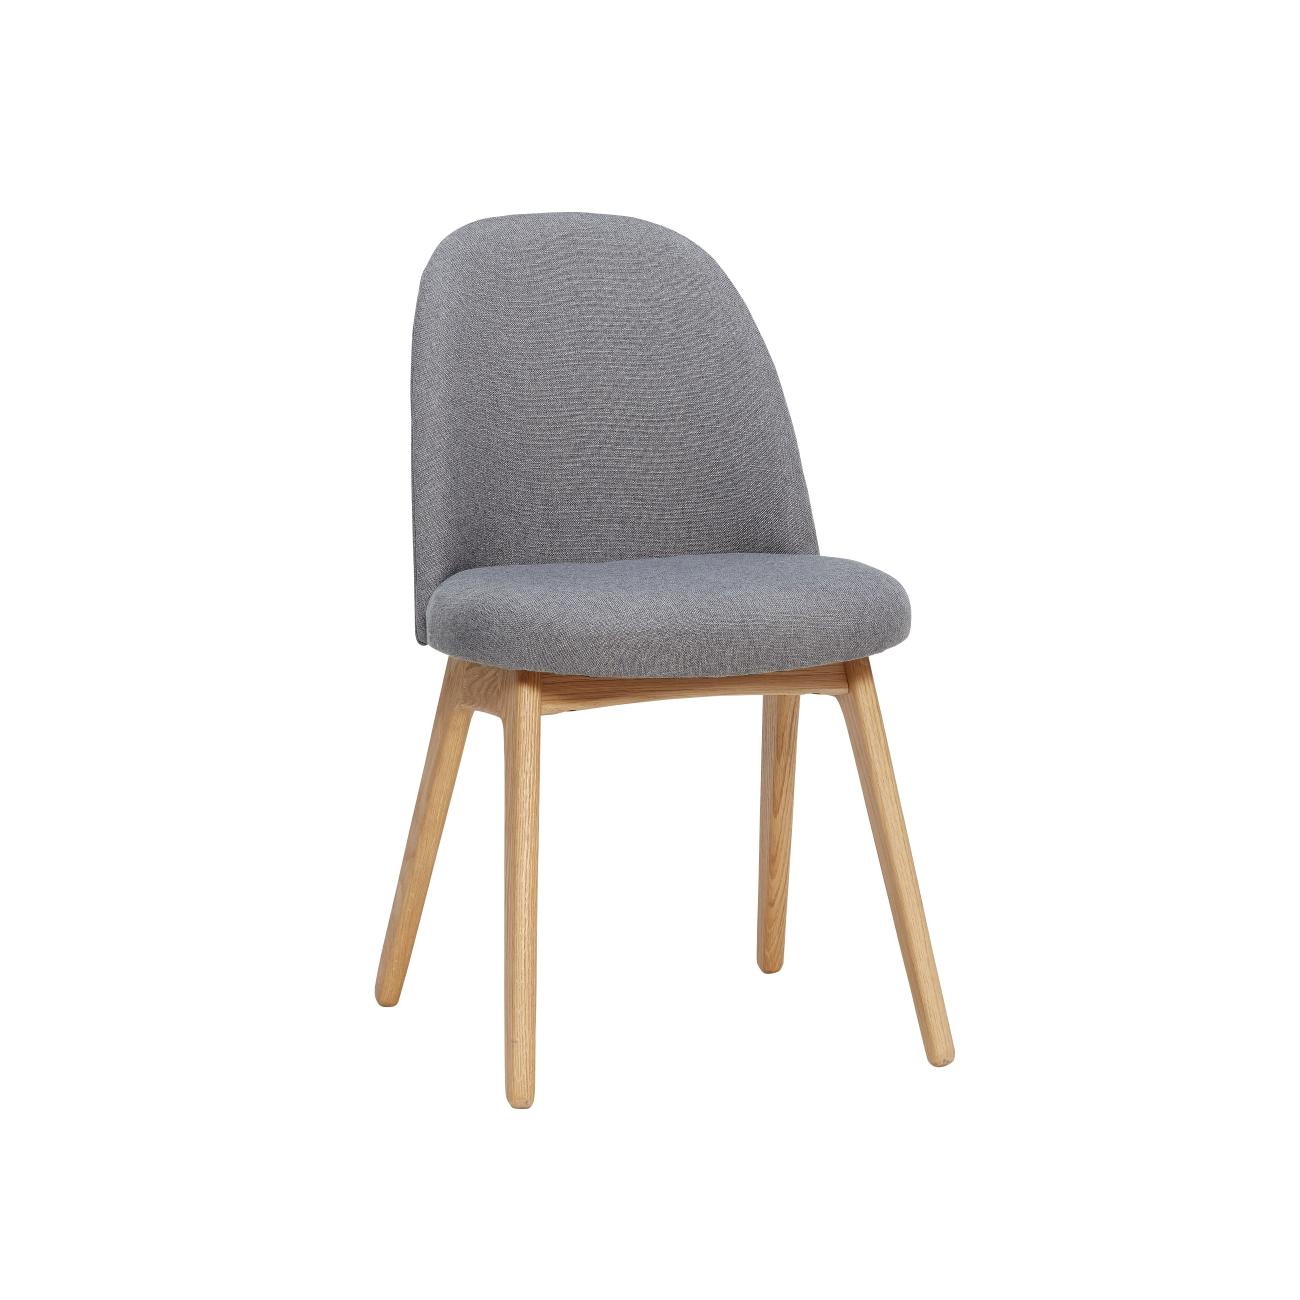 Klädd stol mörkgrå/ ekben, Hubsch